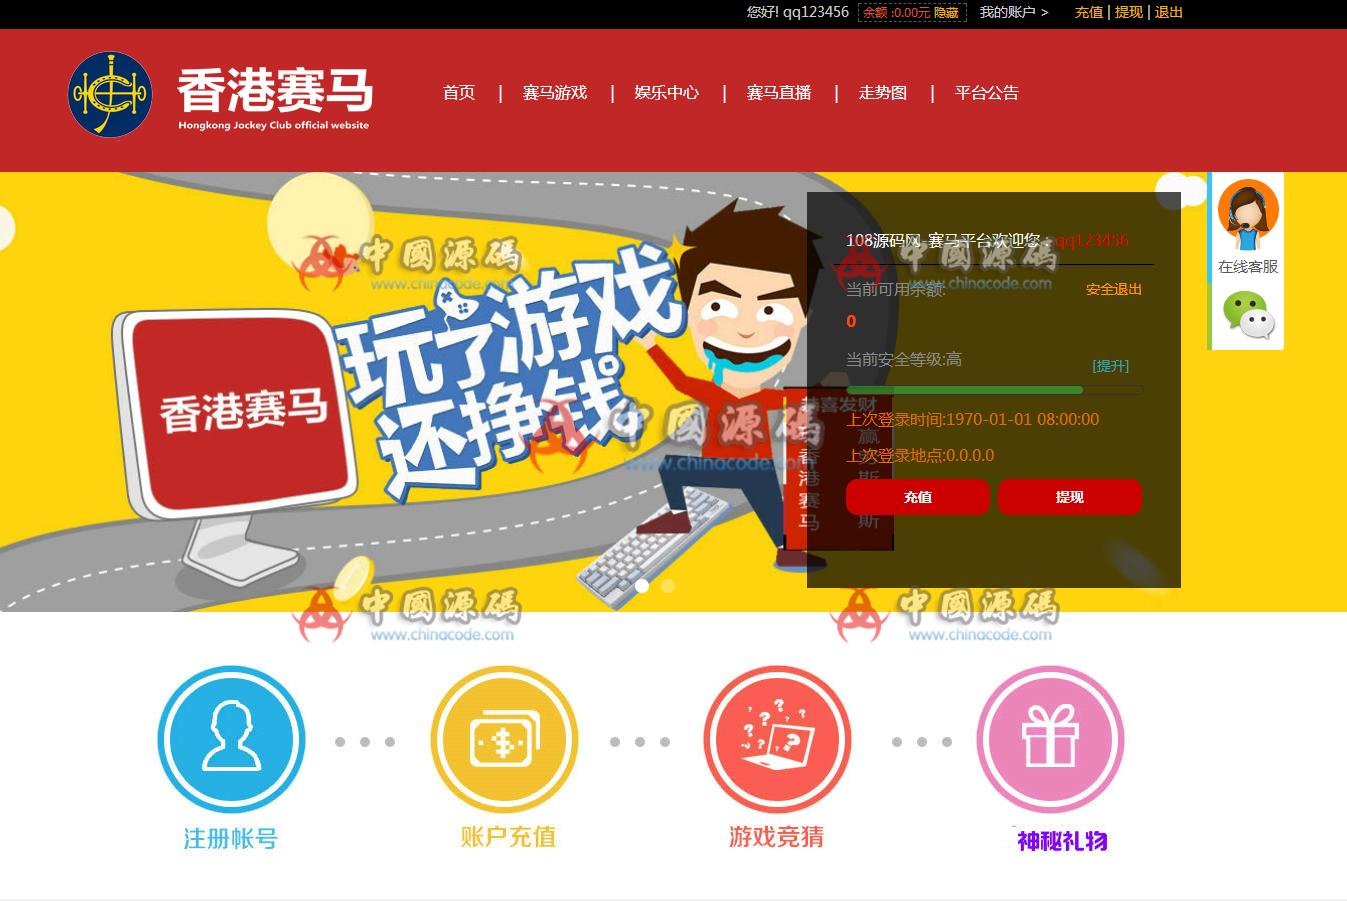 香港S马+幸运2-8+PCDD三合一玩法整站源码+修复采集+完整后台功能+安装教程 网站-第1张